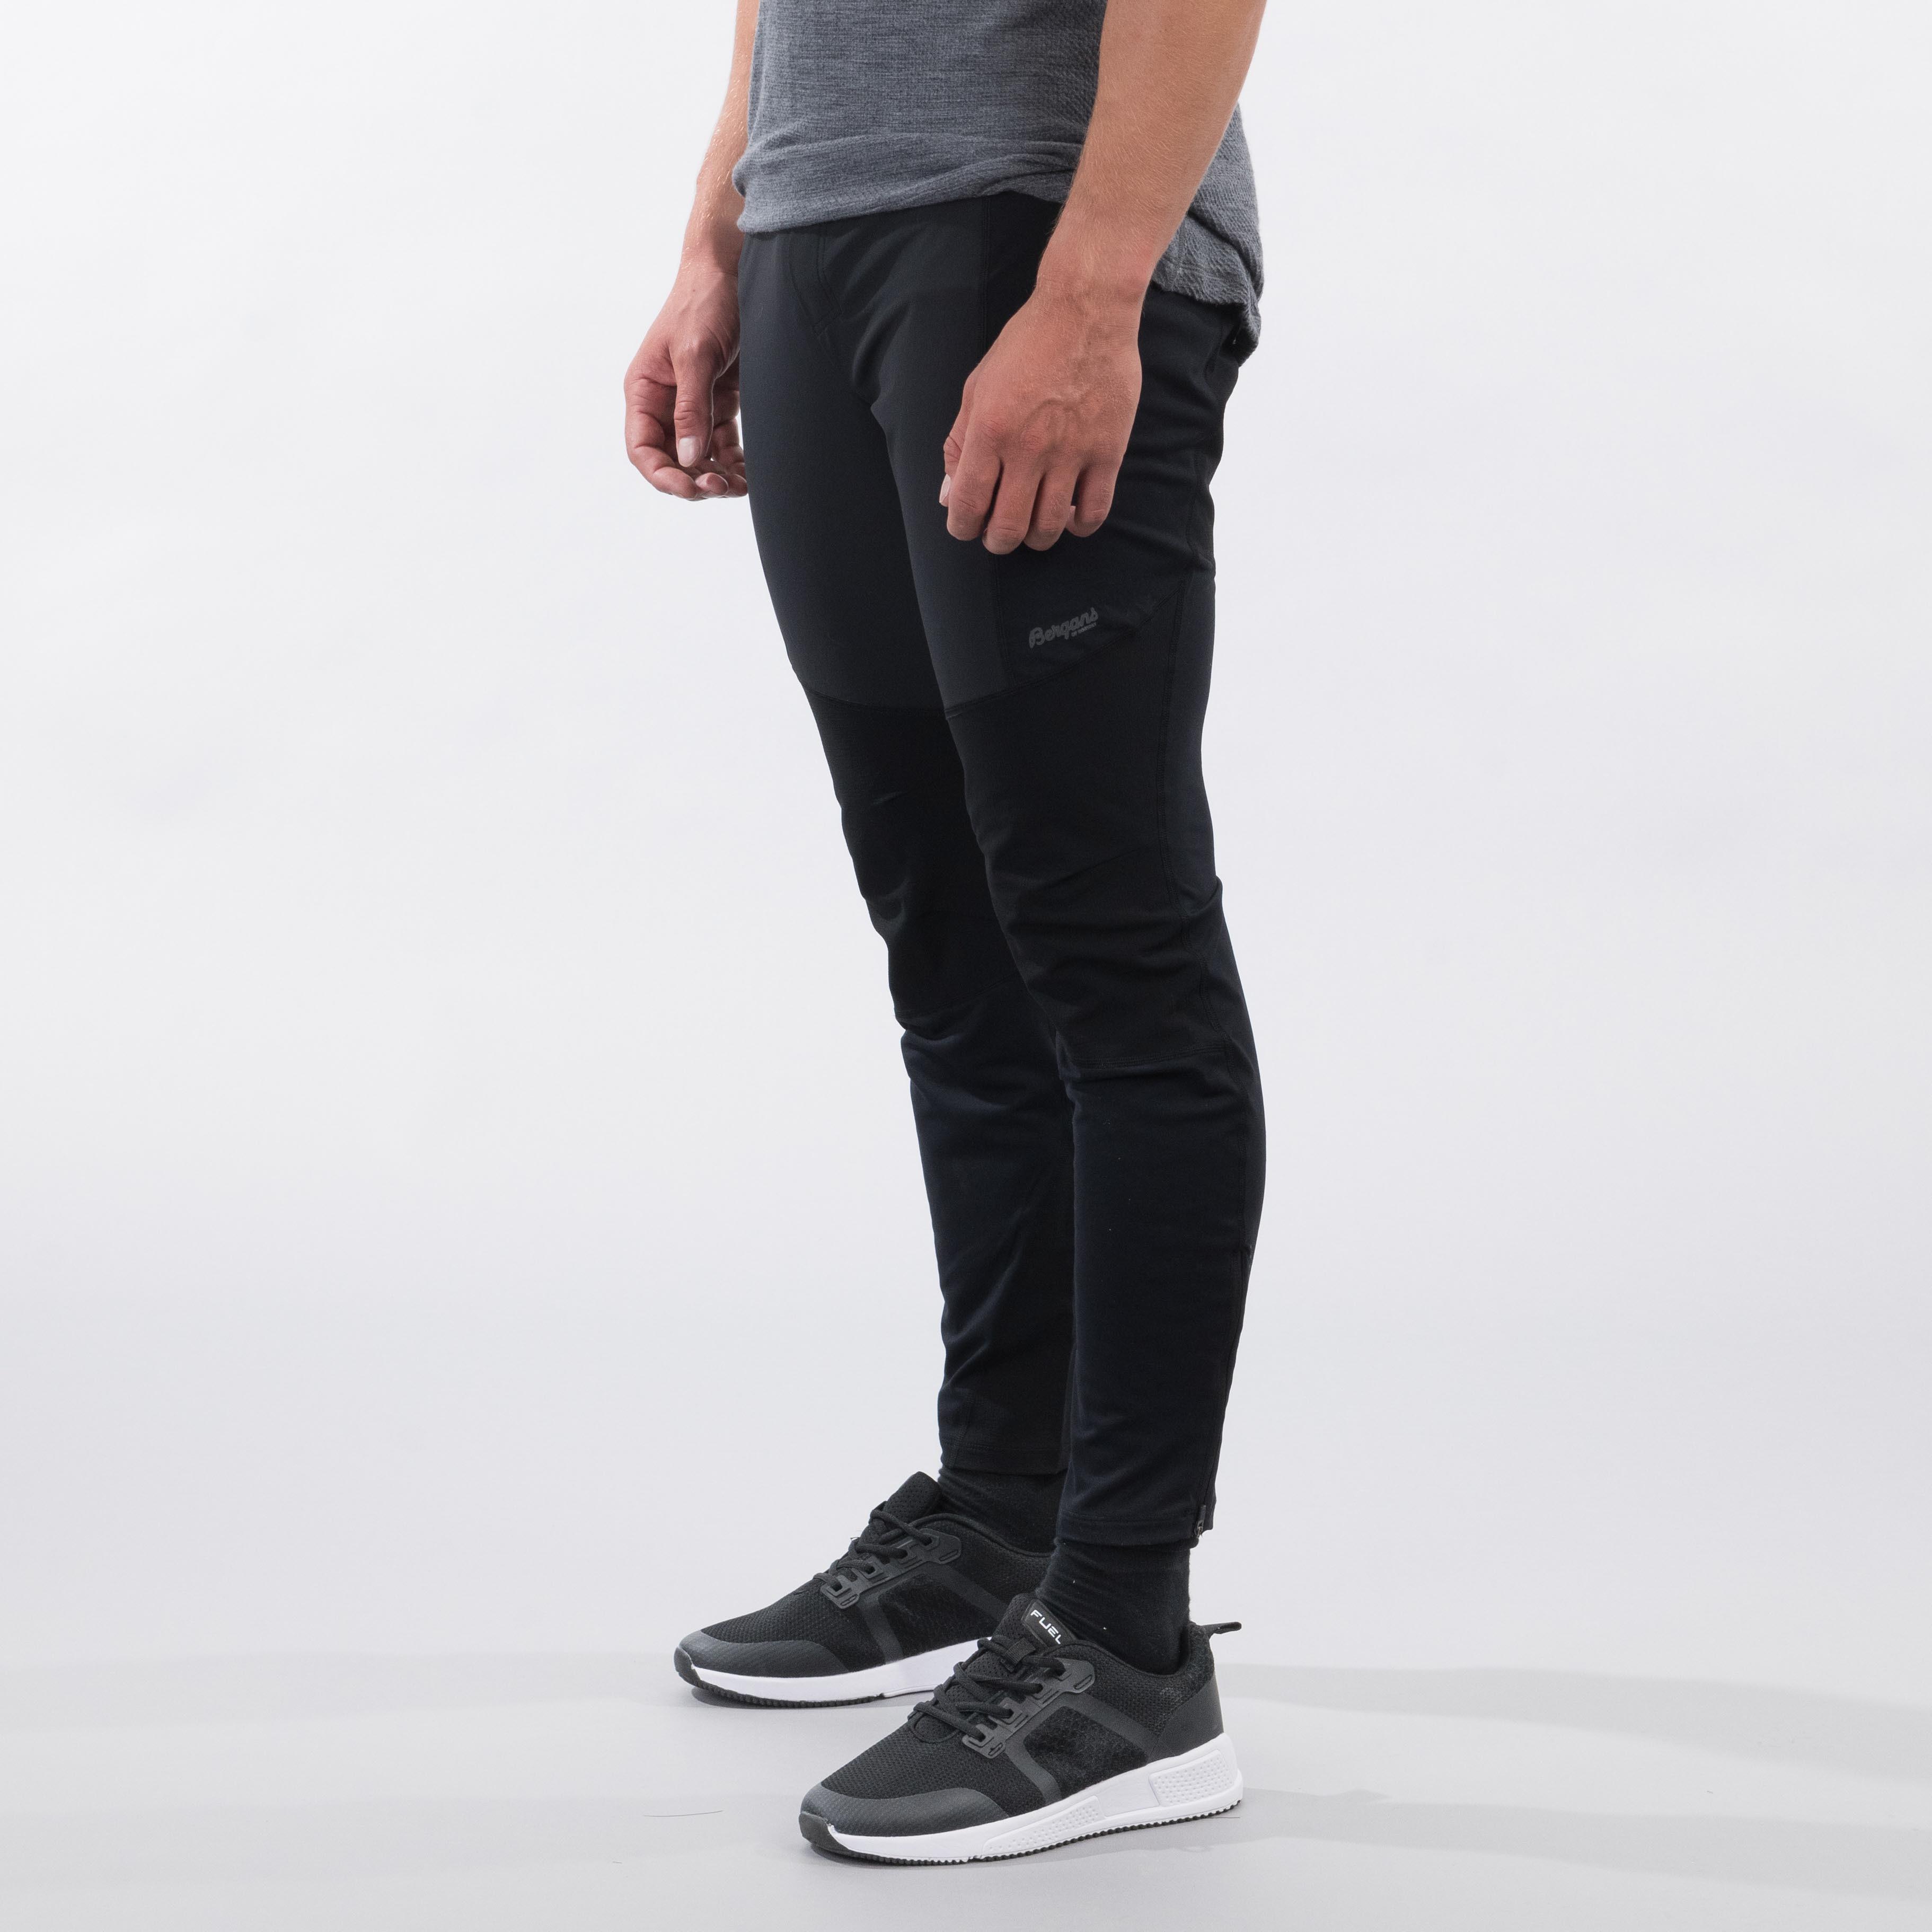 Fløyen V2 Pants